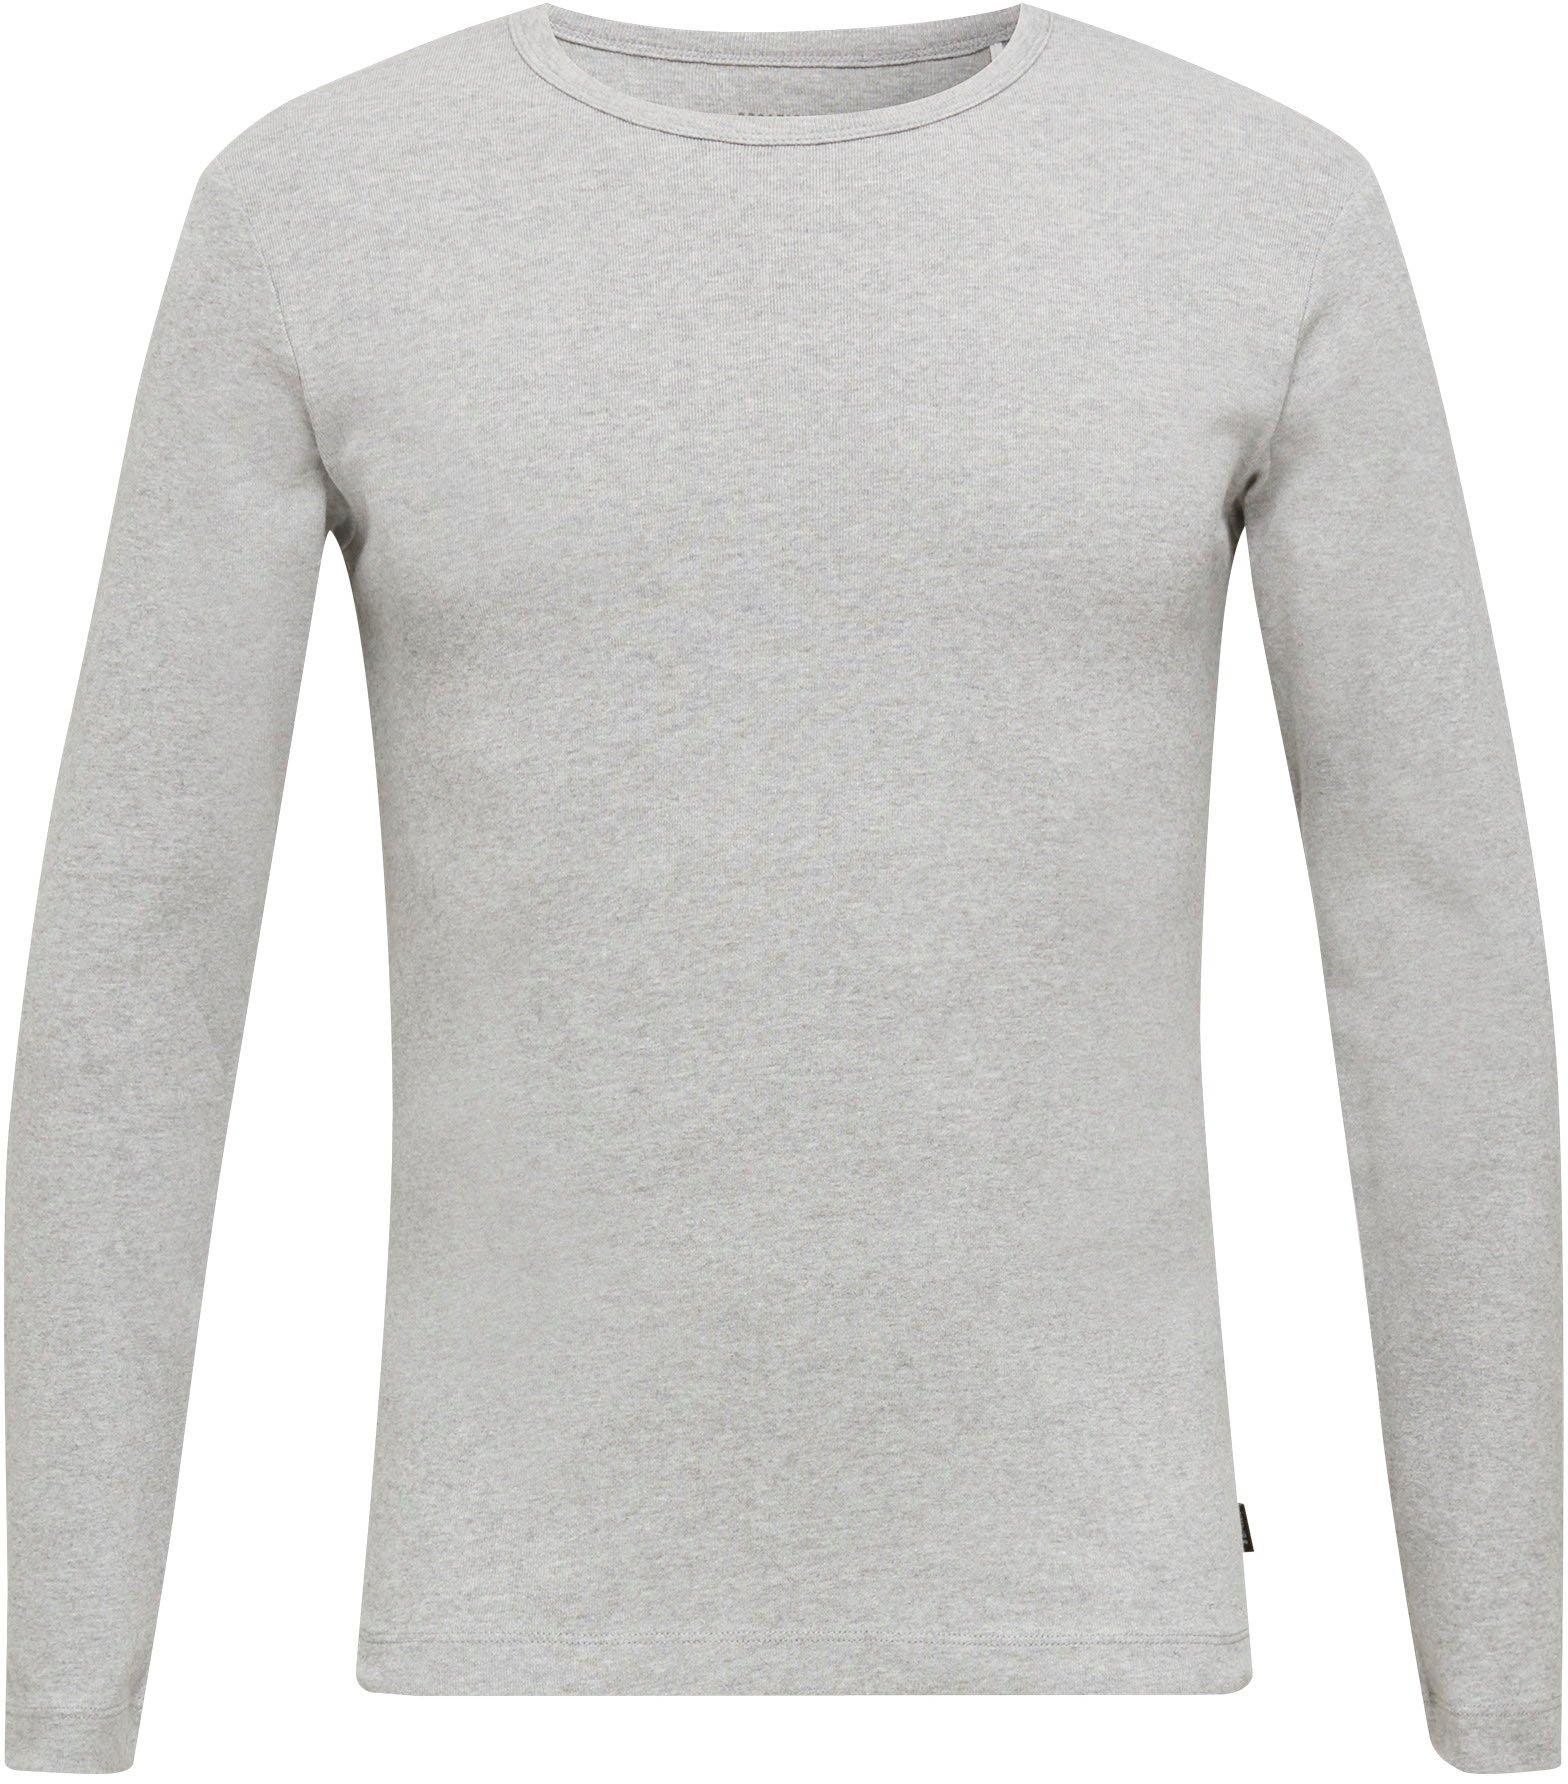 Esprit Shirt met lange mouwen fraai basic artikel - gratis ruilen op otto.nl